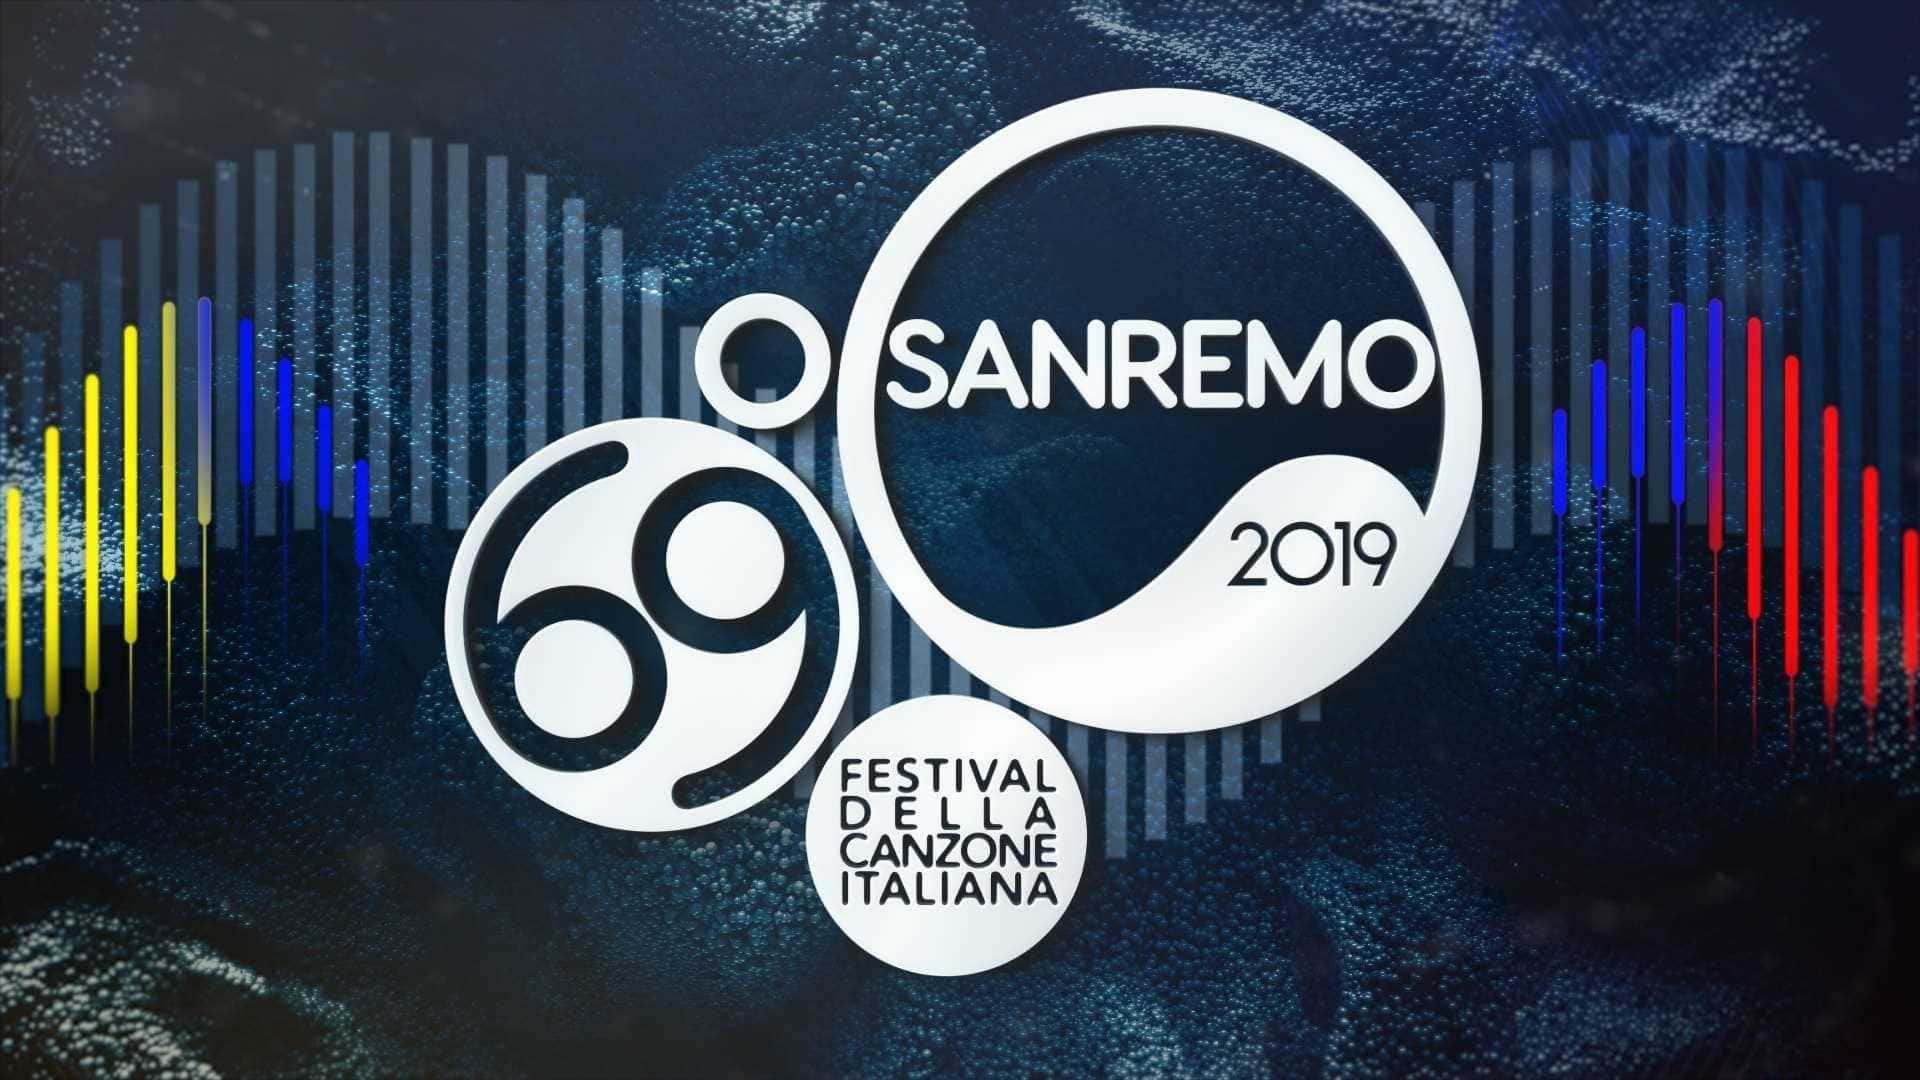 Festival di Sanremo 2019: luci ed ombre della kermesse musicale